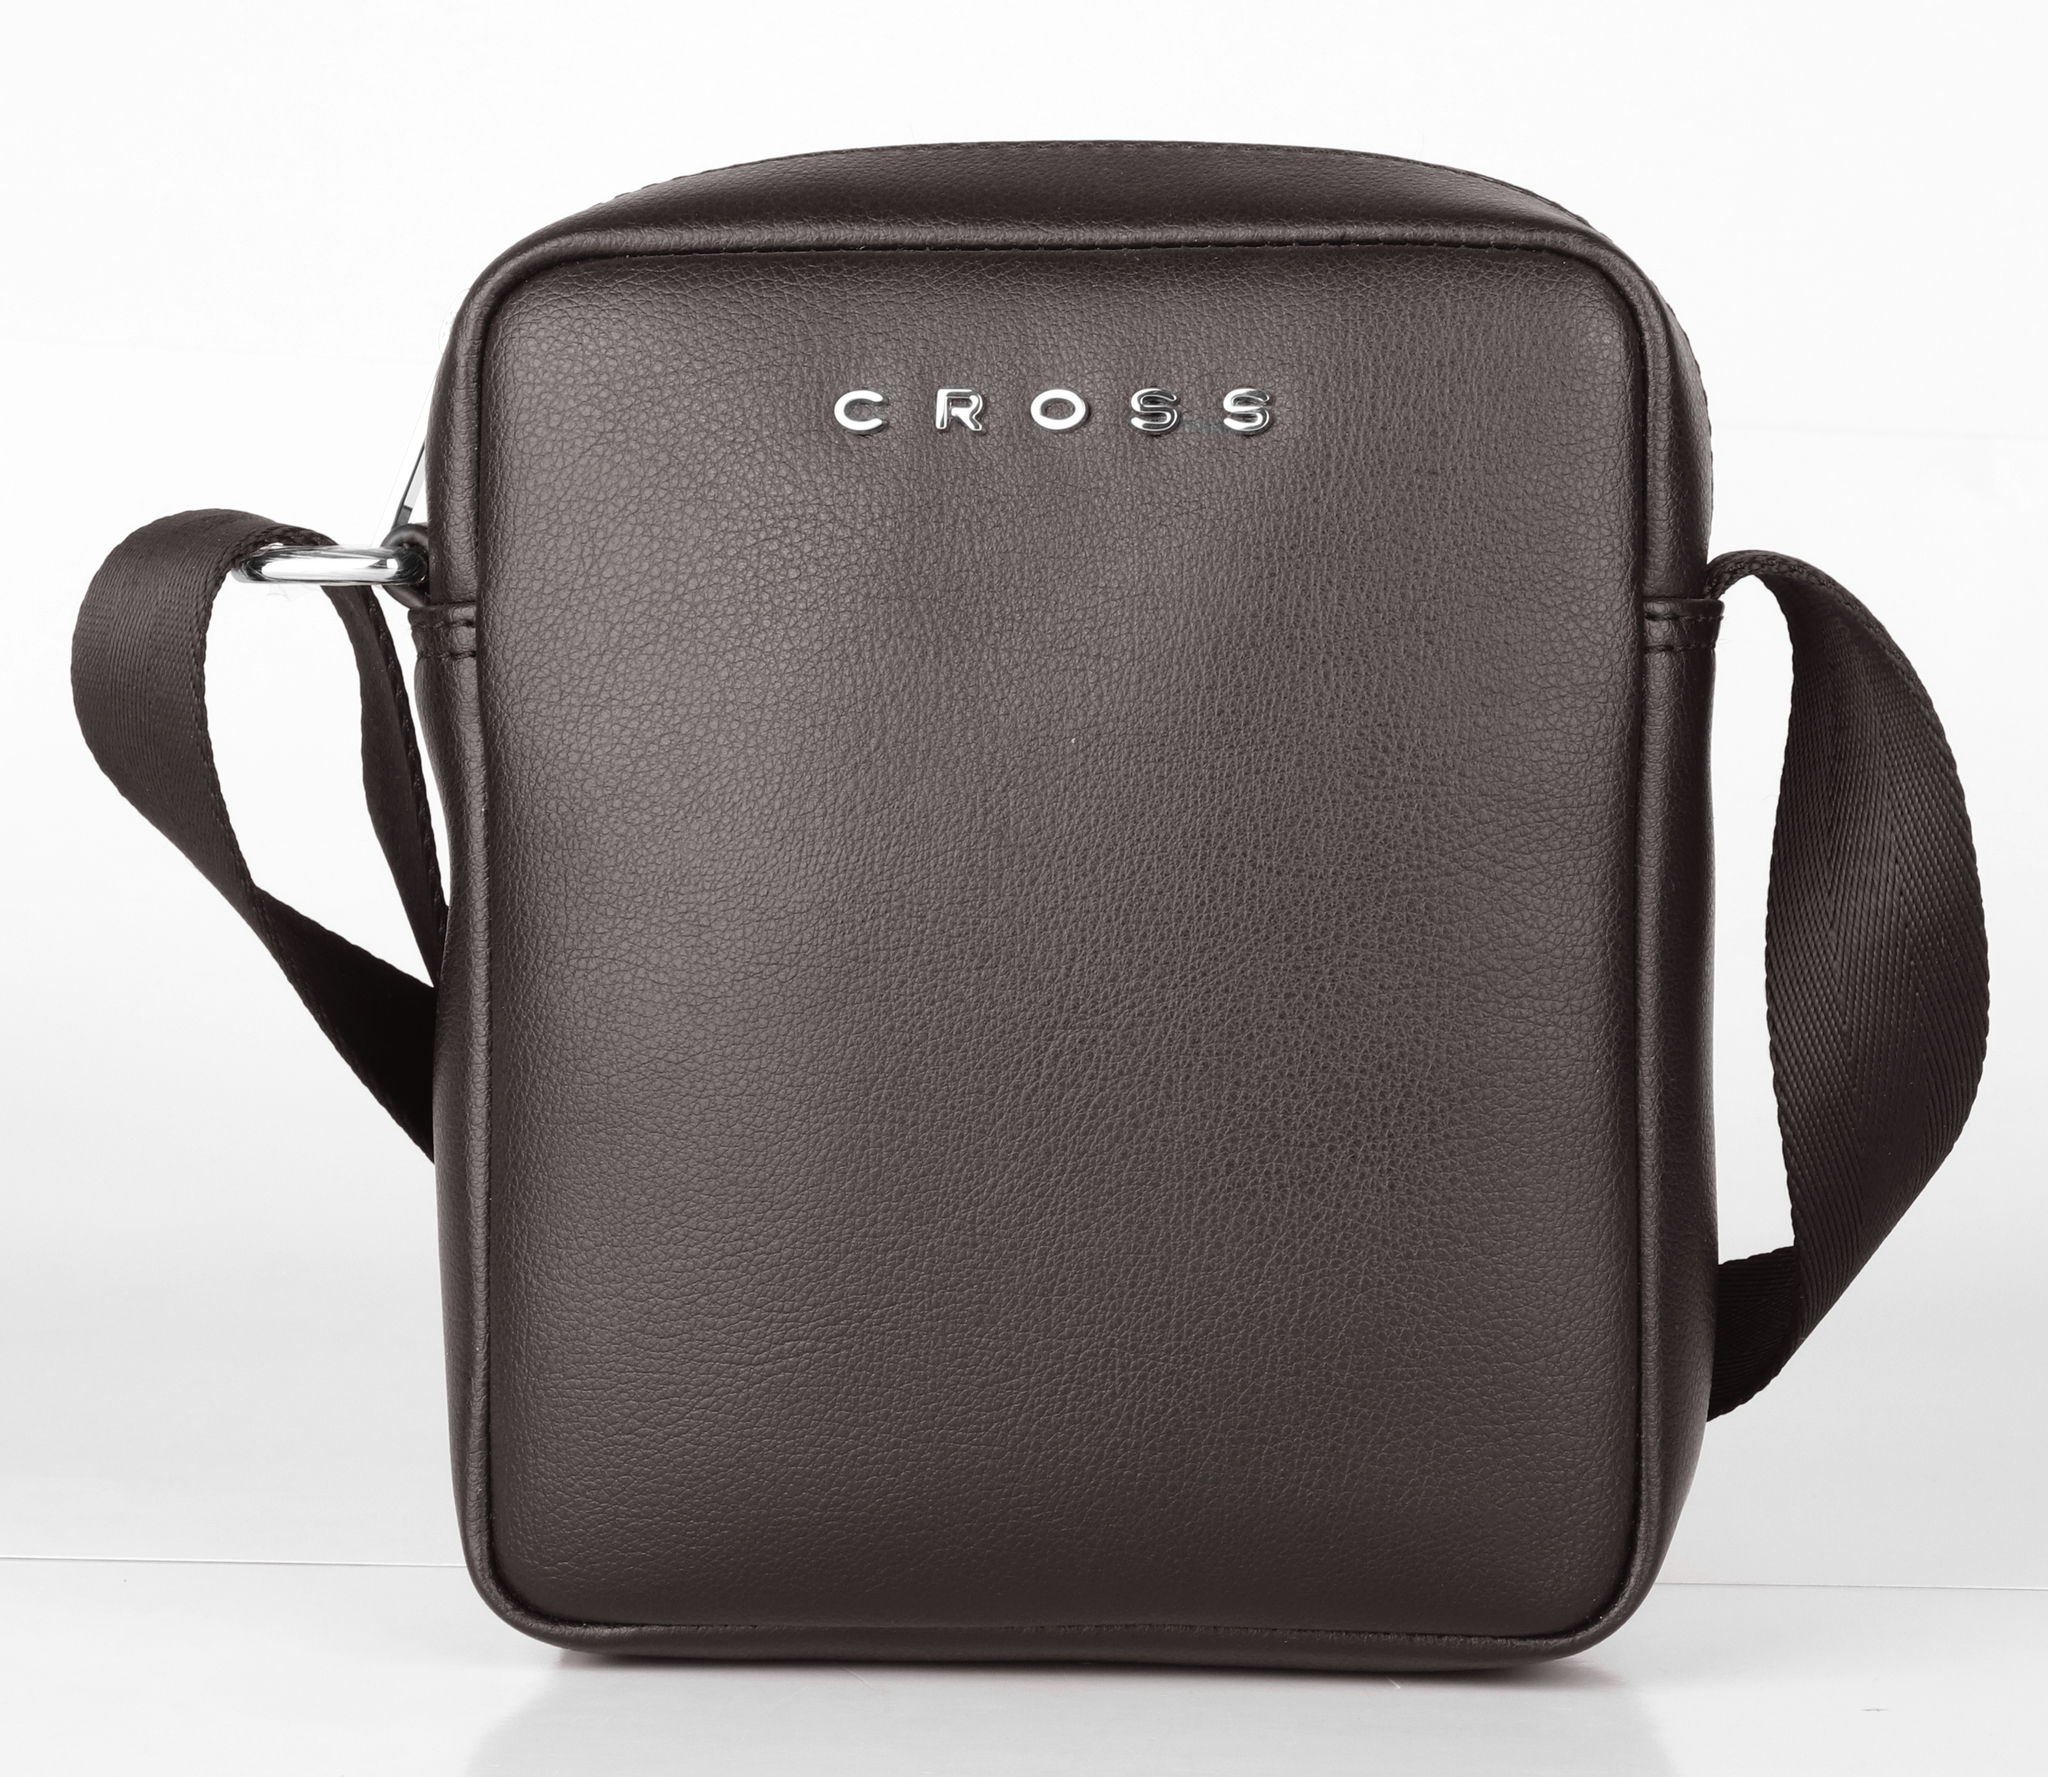 Кожаная сумка-планшет через плечо Cross Volt, brown